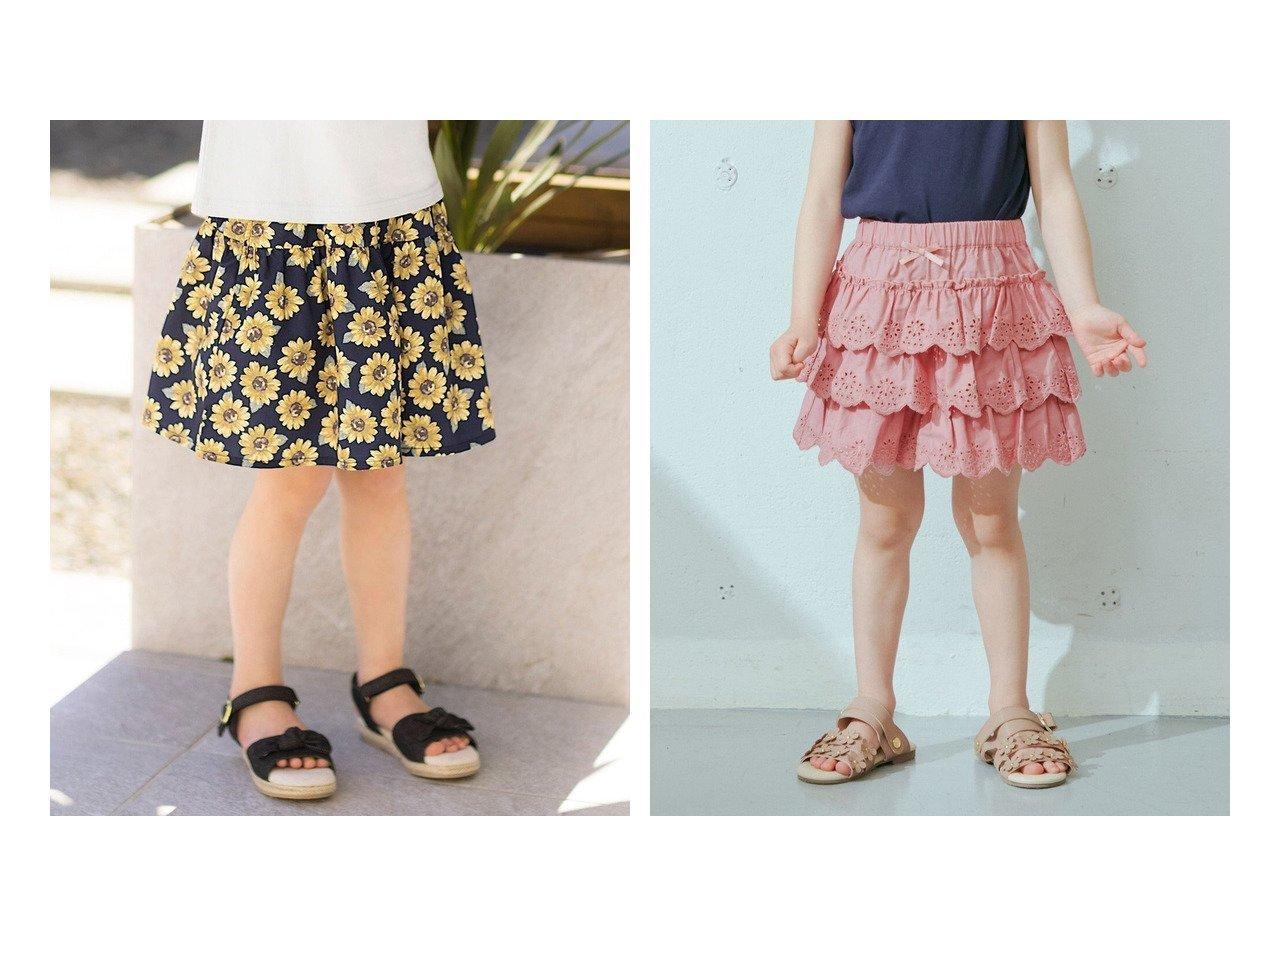 【anyFAM / KIDS/エニファム】のひまわりキュロット&レースティアード キュロット 【KIDS】子供服のおすすめ!人気トレンド・キッズファッションの通販 おすすめで人気の流行・トレンド、ファッションの通販商品 インテリア・家具・メンズファッション・キッズファッション・レディースファッション・服の通販 founy(ファニー) https://founy.com/ ファッション Fashion キッズファッション KIDS ボトムス Bottoms/Kids ガーリー キュロット 人気 ラベンダー リボン レース 送料無料 Free Shipping シンプル 再入荷 Restock/Back in Stock/Re Arrival おすすめ Recommend  ID:crp329100000044554